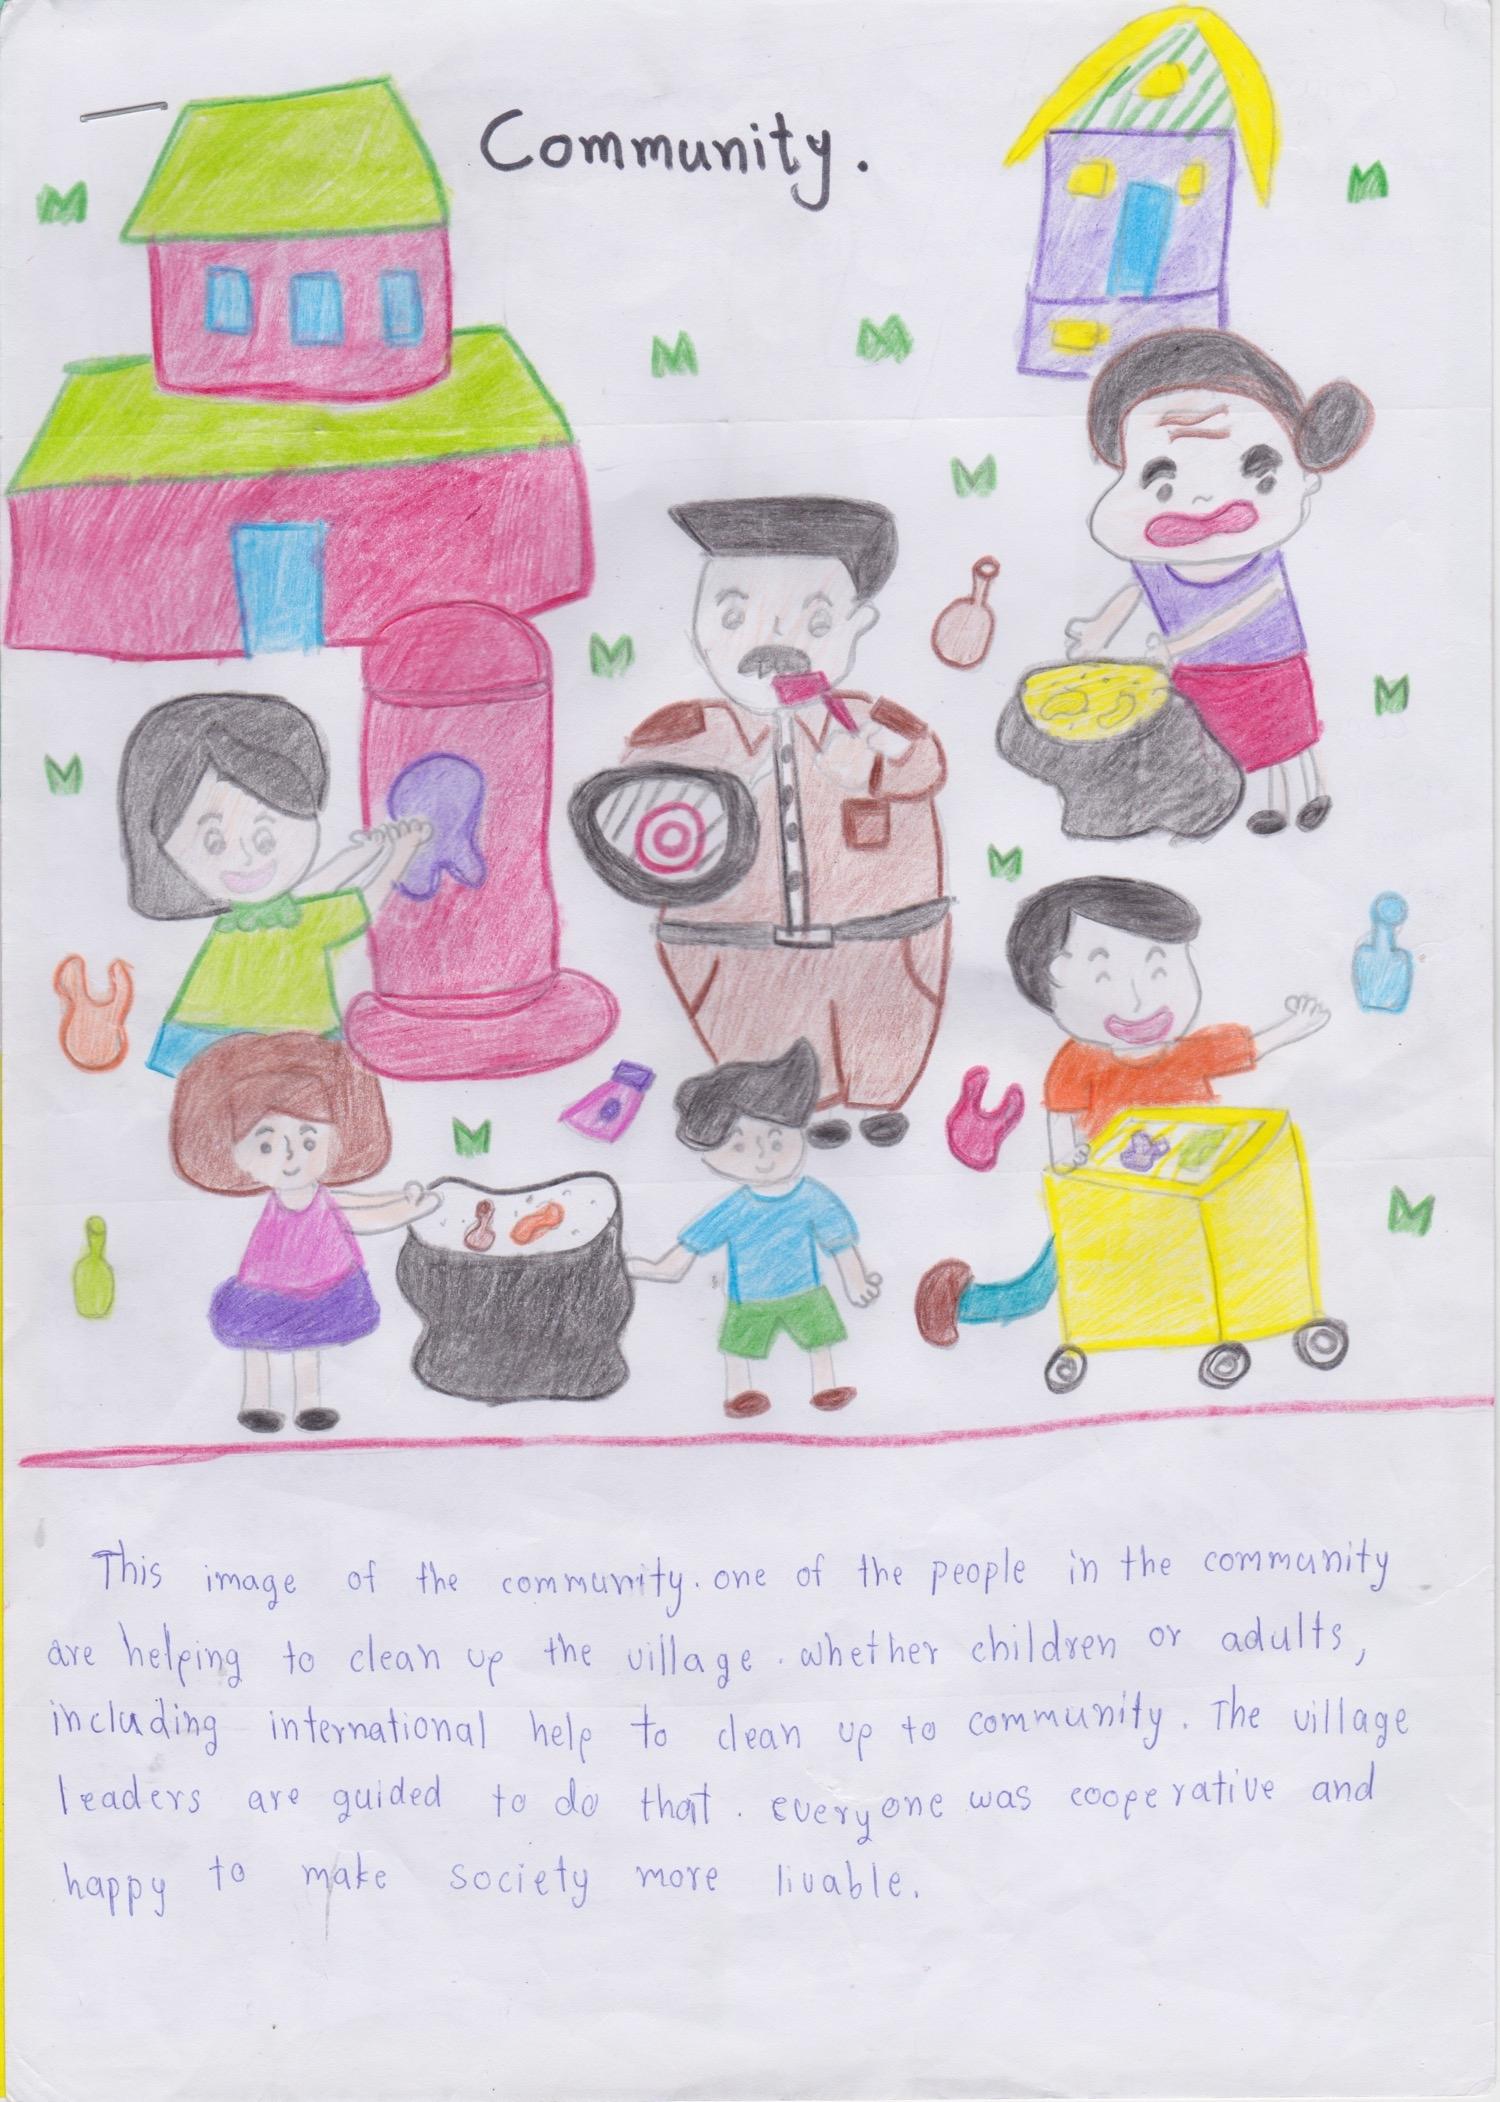 Amita, Thatpicha, and Orawee - Mae La Noi Daroonsik School, Thailand